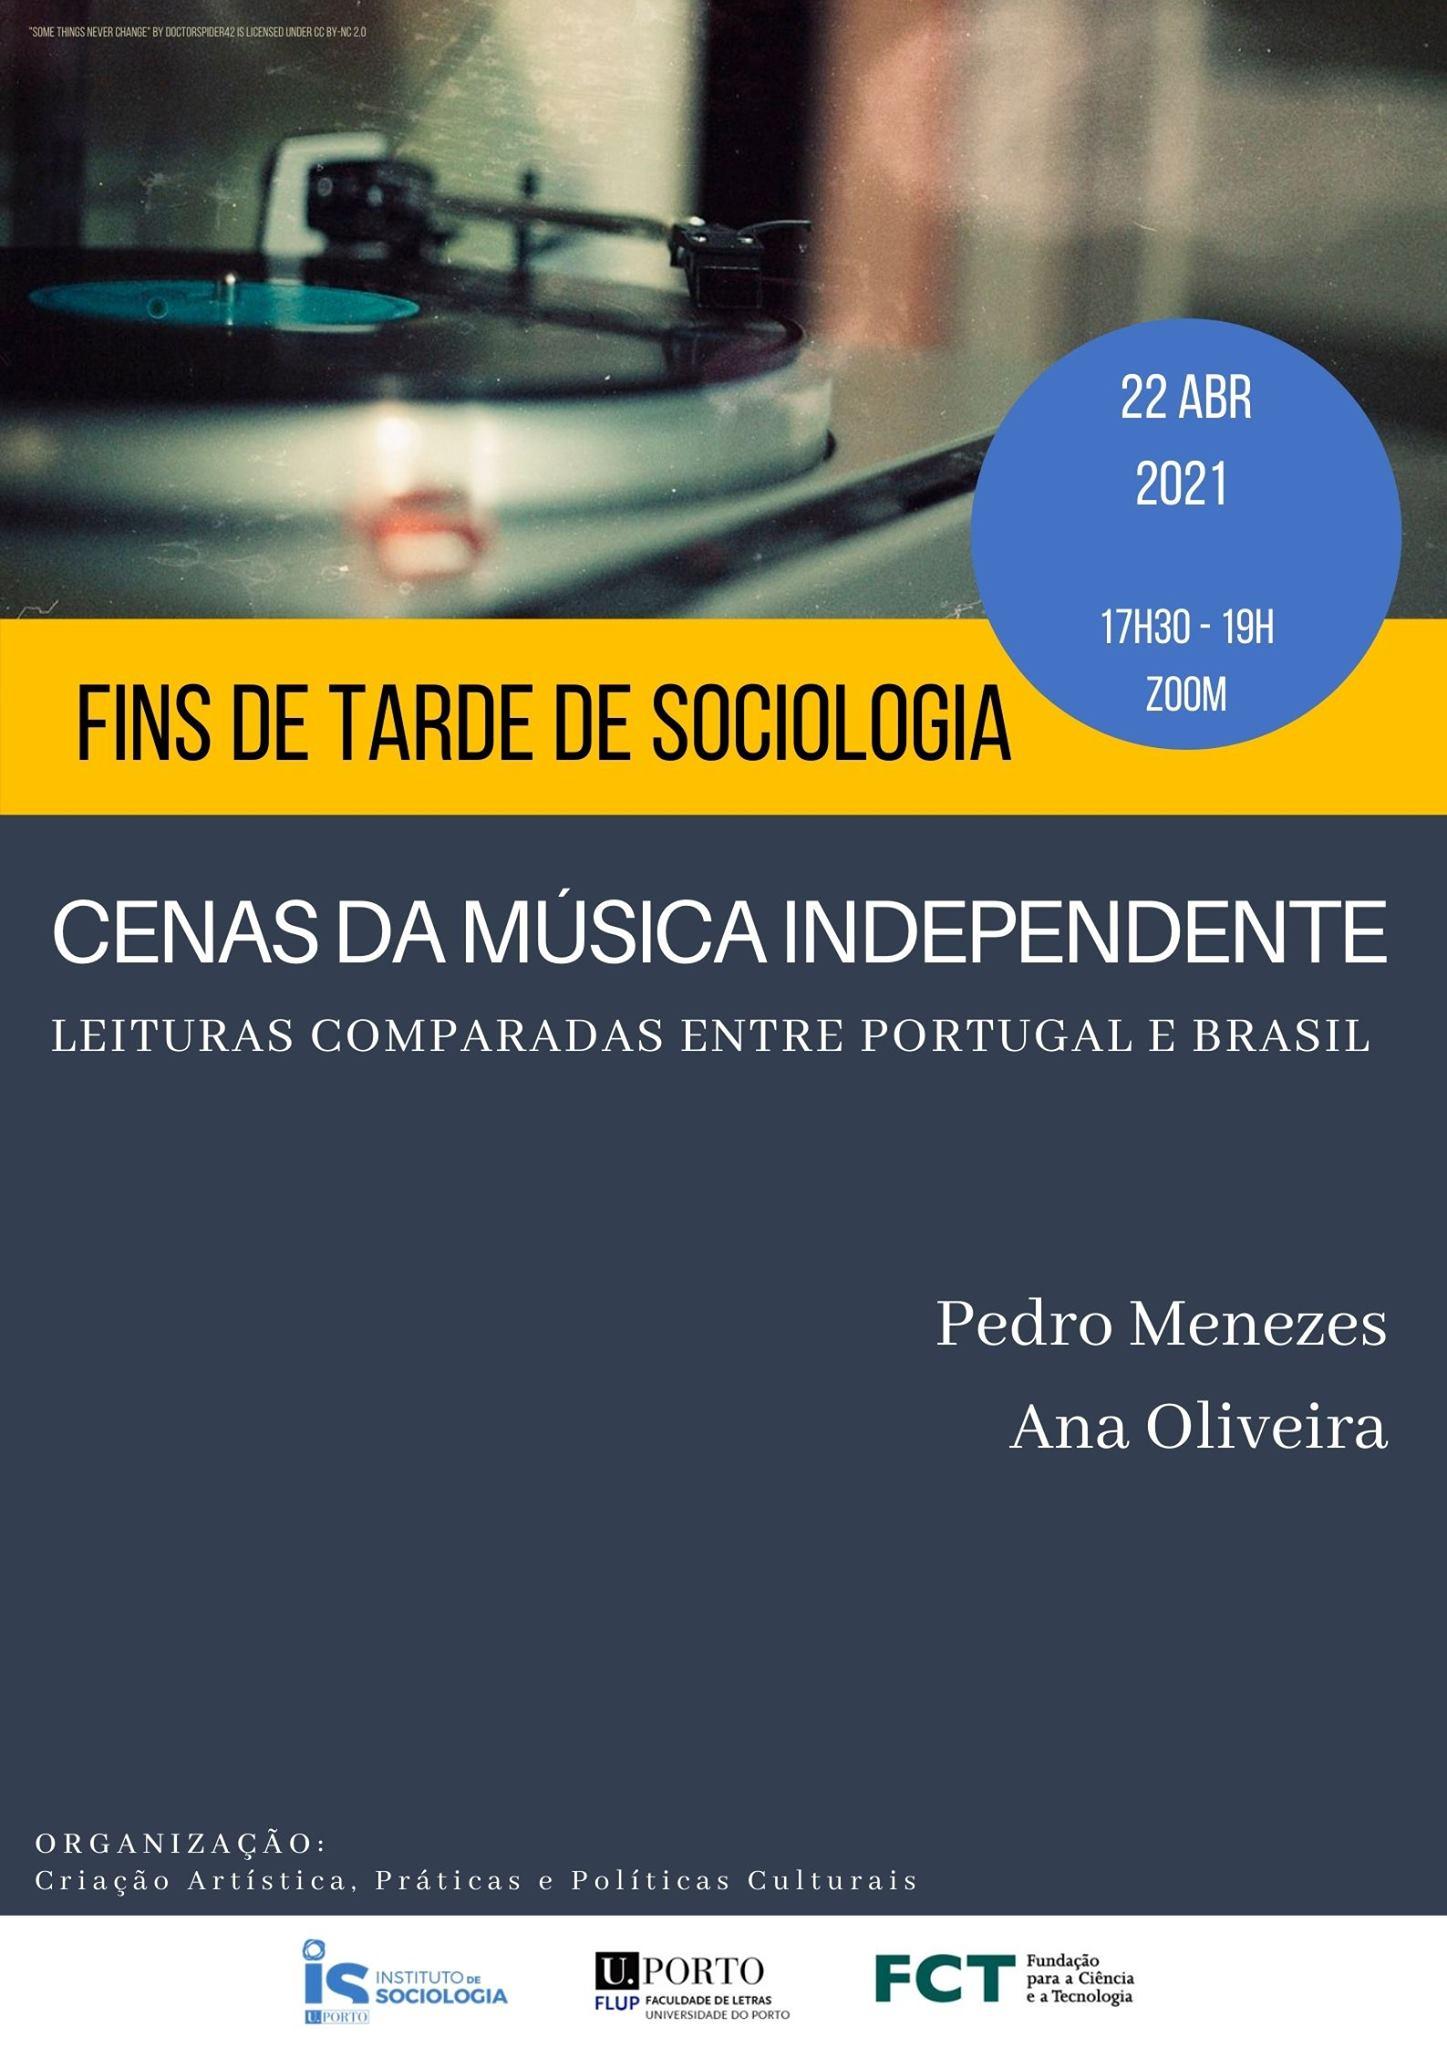 Fins de Tarde de Sociologia: Cenas da Música Independente